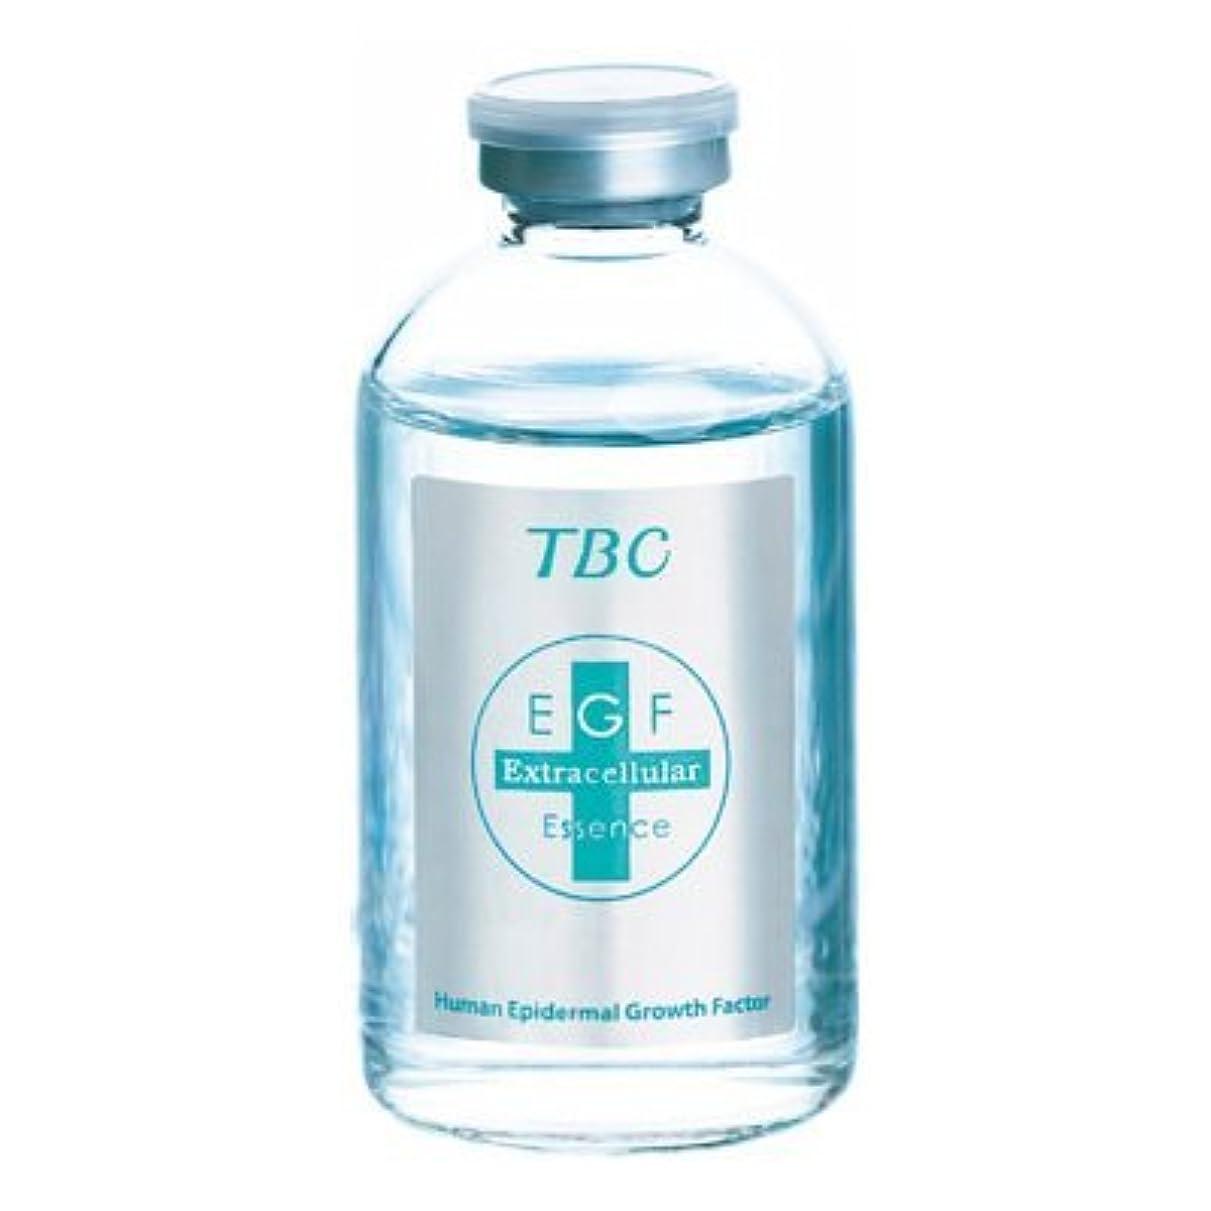 喪実現可能性正直TBC EGF エクストラエッセンス 60ml [並行輸入品]